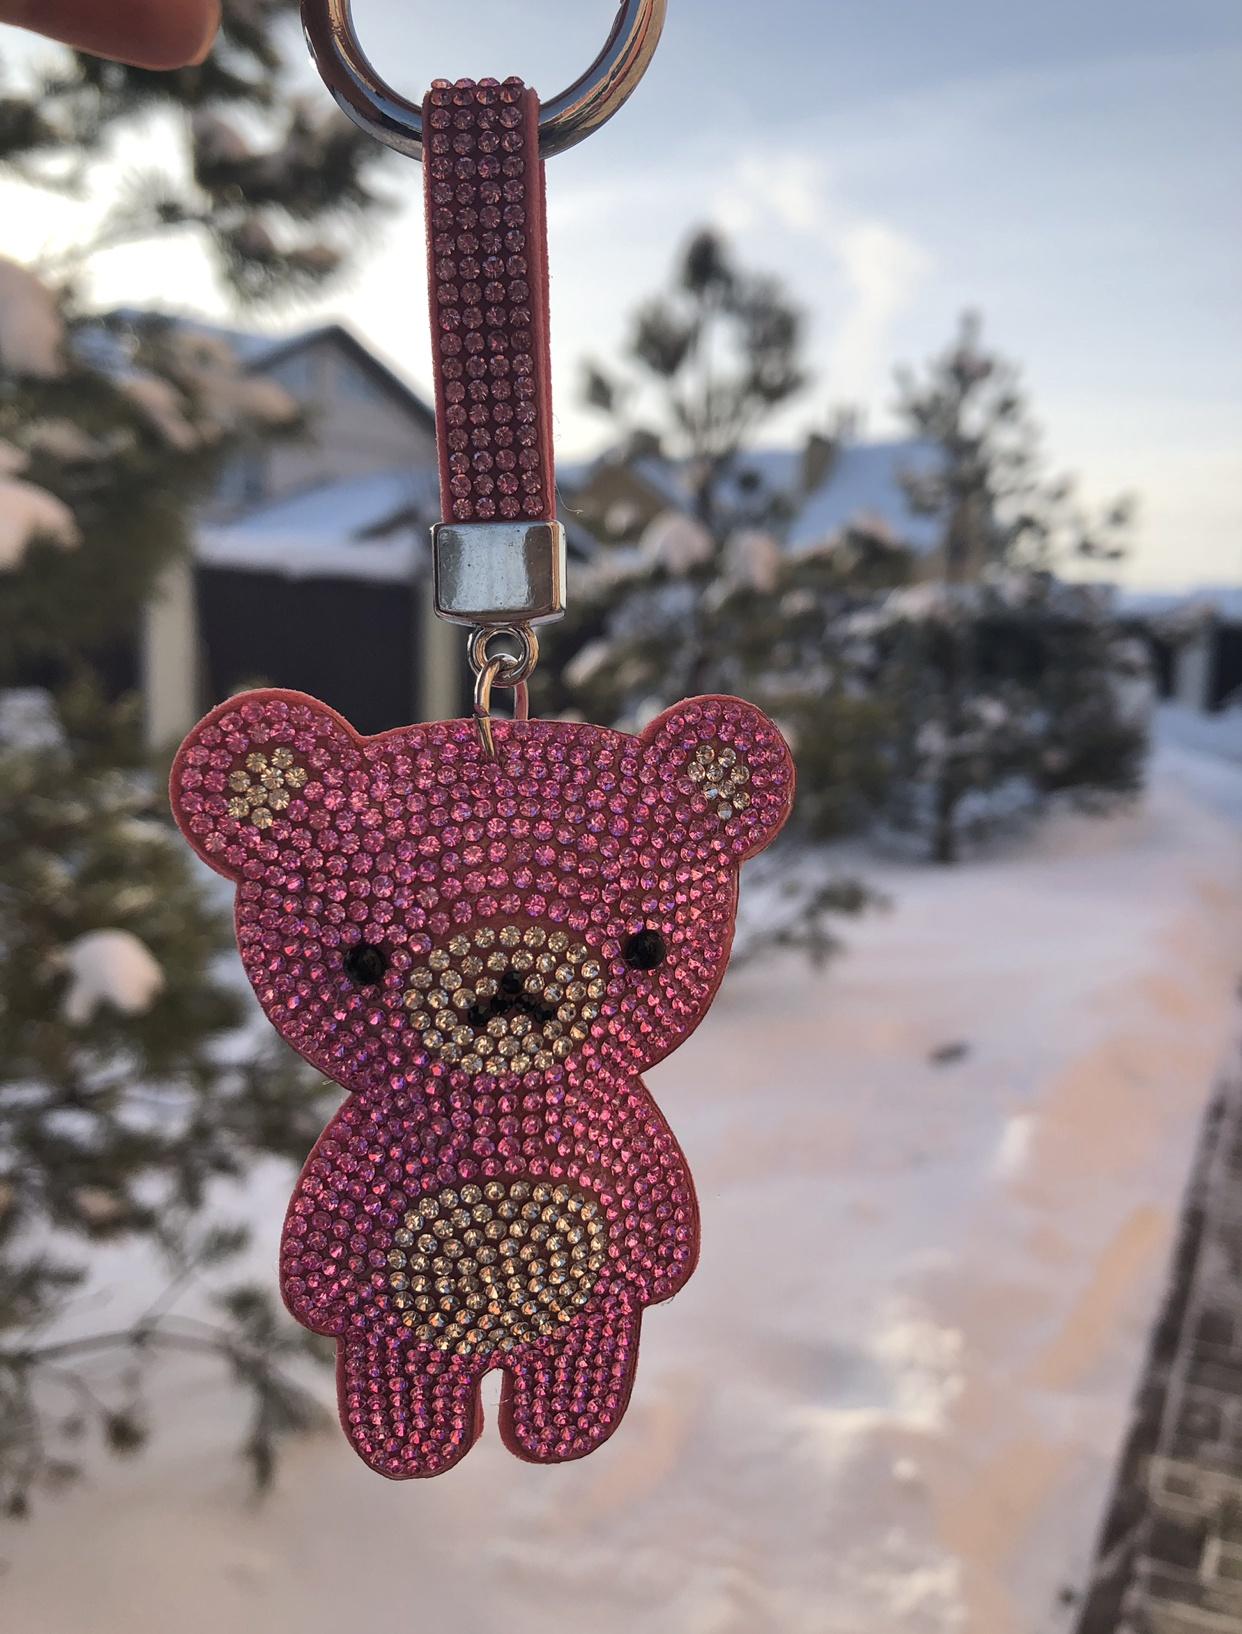 Брелок для ключей Markclub Брелок для ключей Мишка со стразами розовый, BR-224 брелок под фото